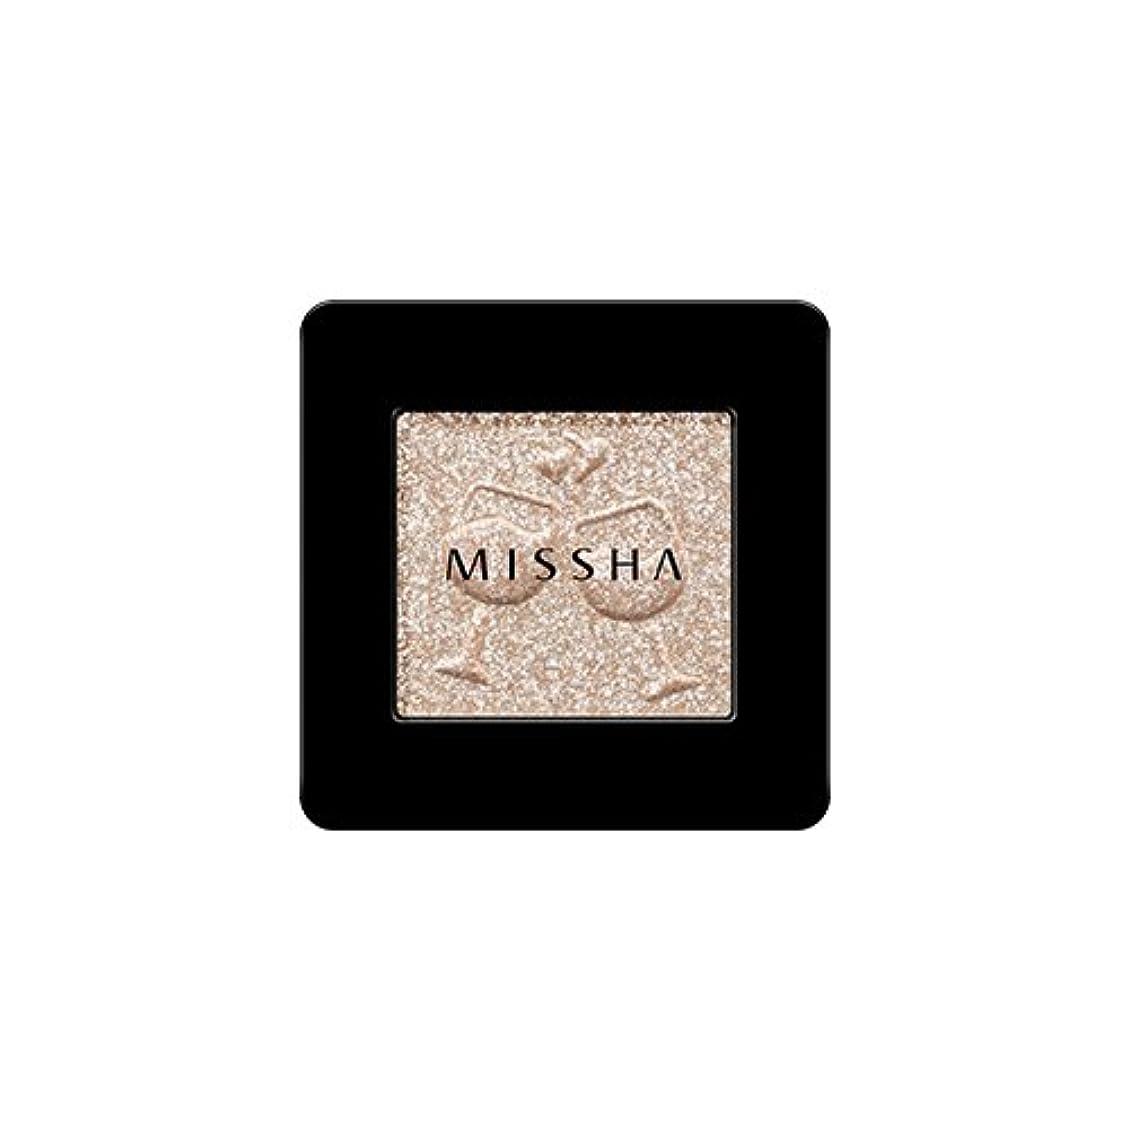 農場ネクタイねばねば[2016 F/W New Color] MISSHA Modern Shadow [Glitter]/ミシャ モダン シャドウ [グリッター] (#GBE03 Vanilla Champagne)